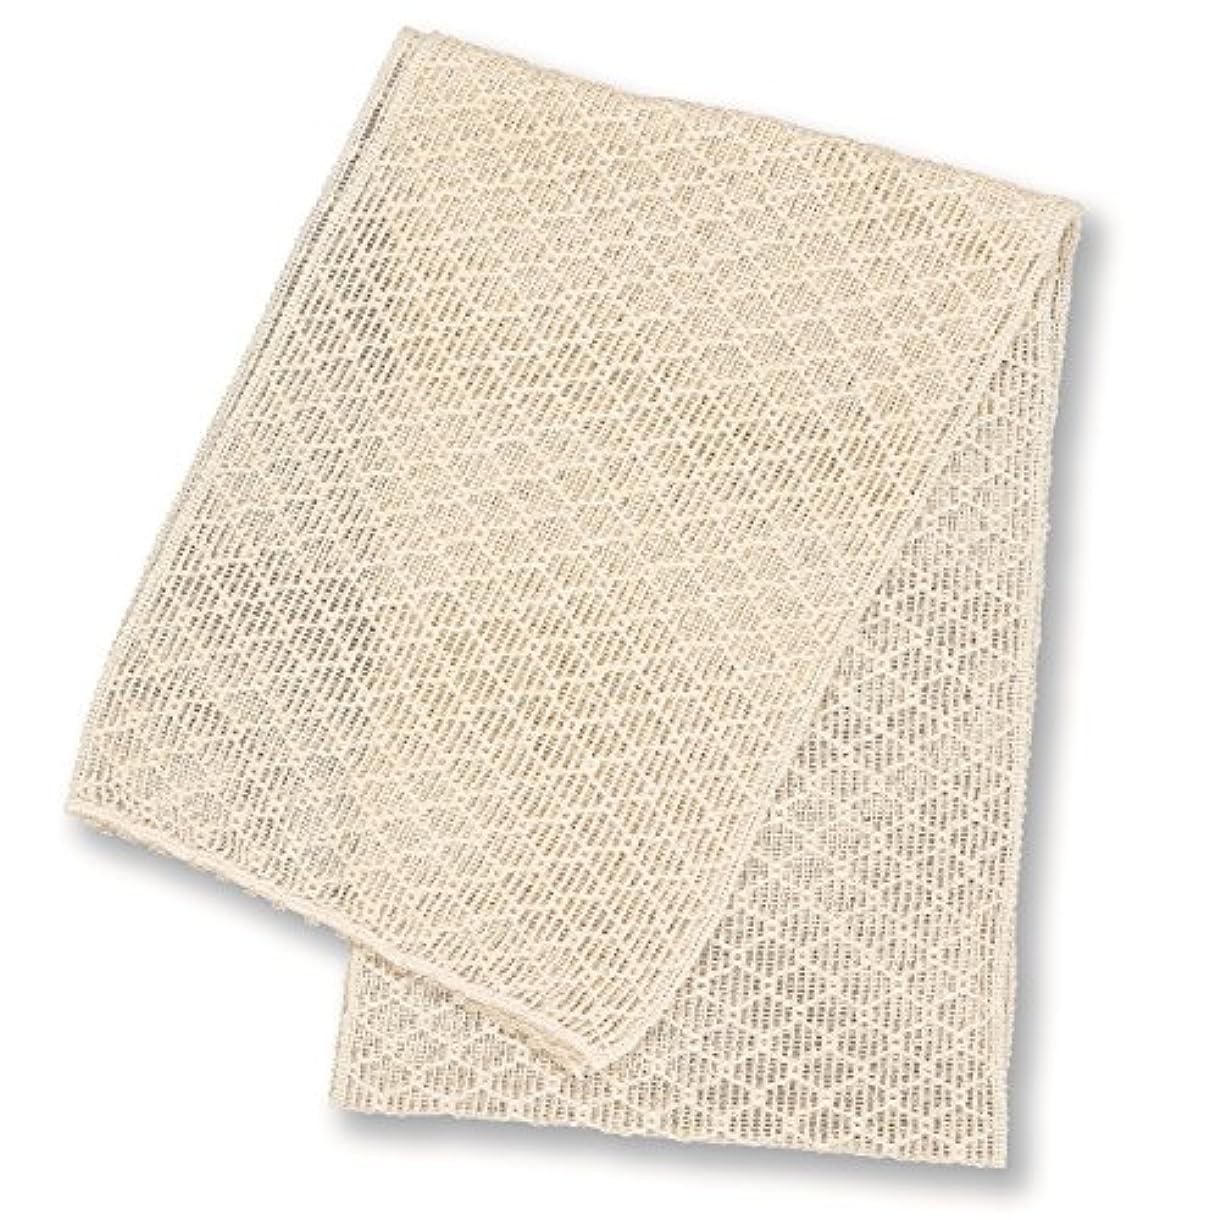 キルス高層ビル頼るコクーンフィット シルク 美容洗浄タオル(浴用) オフホワイト